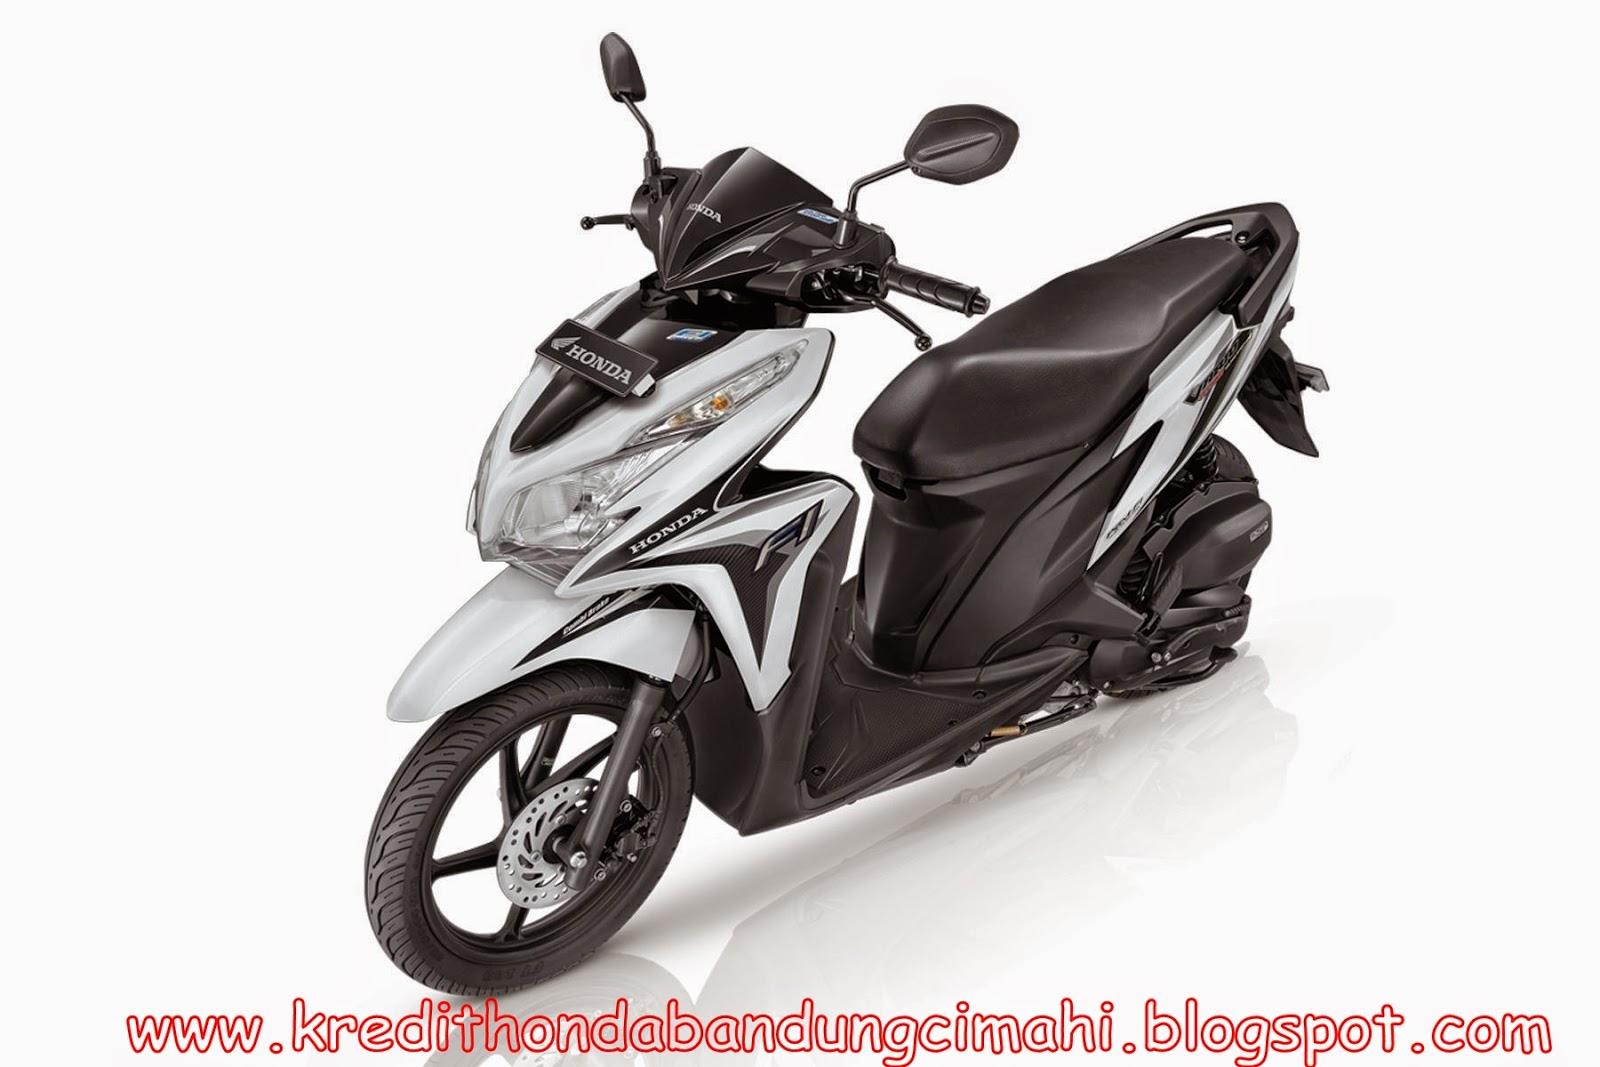 Kredit Motor Honda Vario Murah Bandung New 110 Esp Cbs Iss Grande White Kab Semarang Di 125 Techno